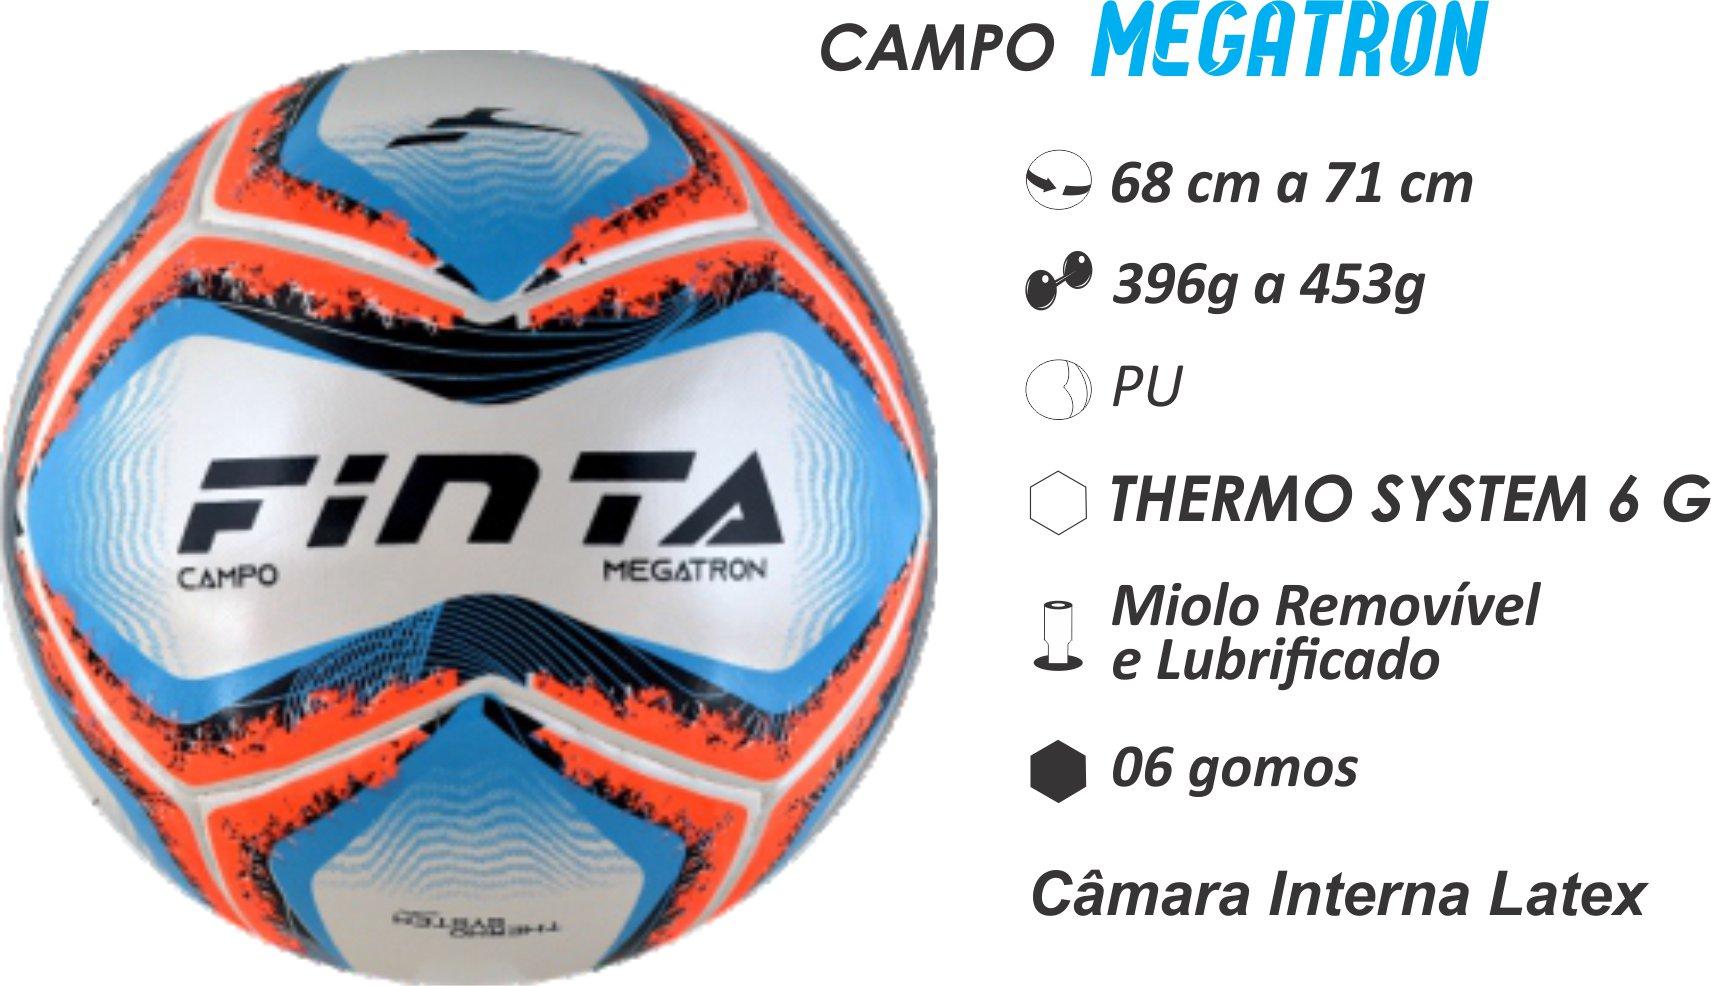 BOLA CAMPO FINTA MEGATRON